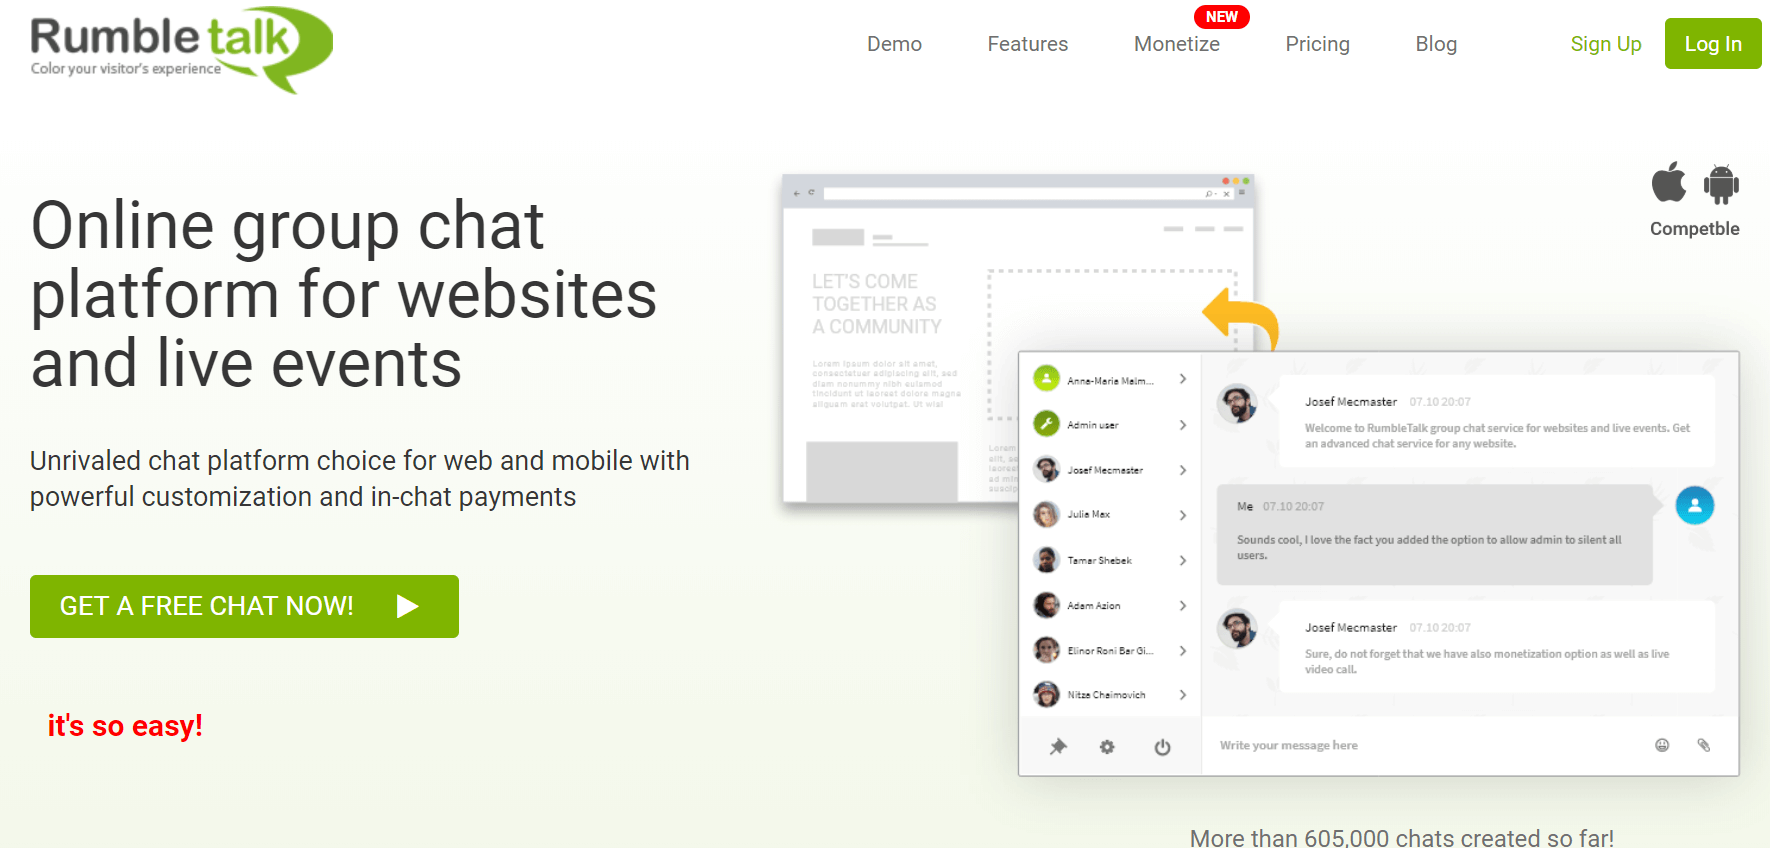 Les meilleurs outils Web en 2019 (et comment ils vont vous aider) image036